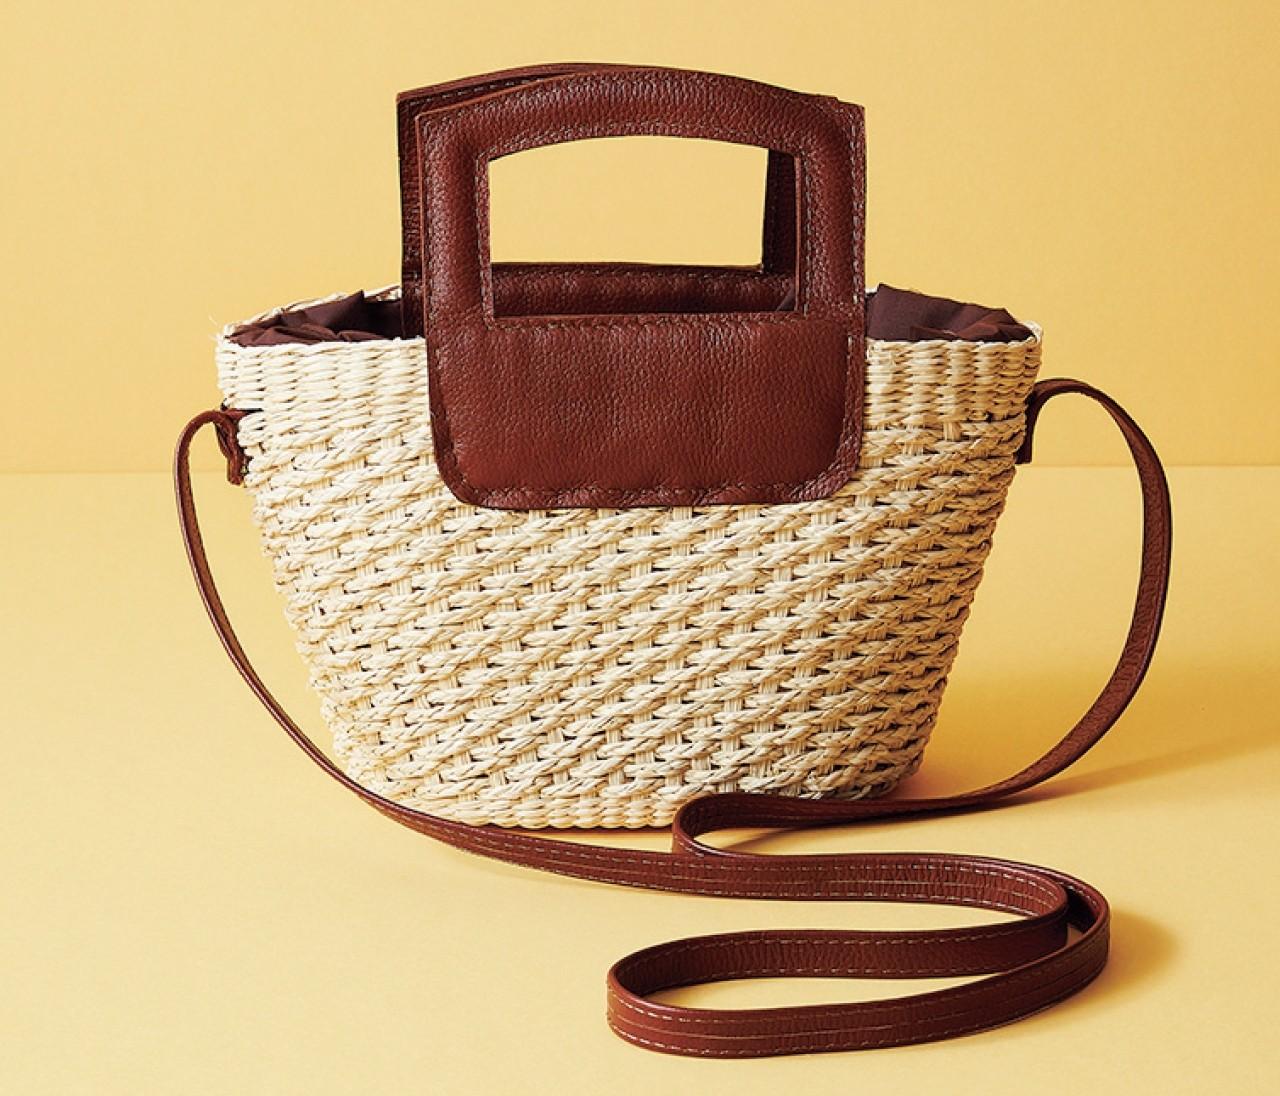 【働く30代のバッグ】春~秋まで使える「レザーMIXかごバッグ」9選